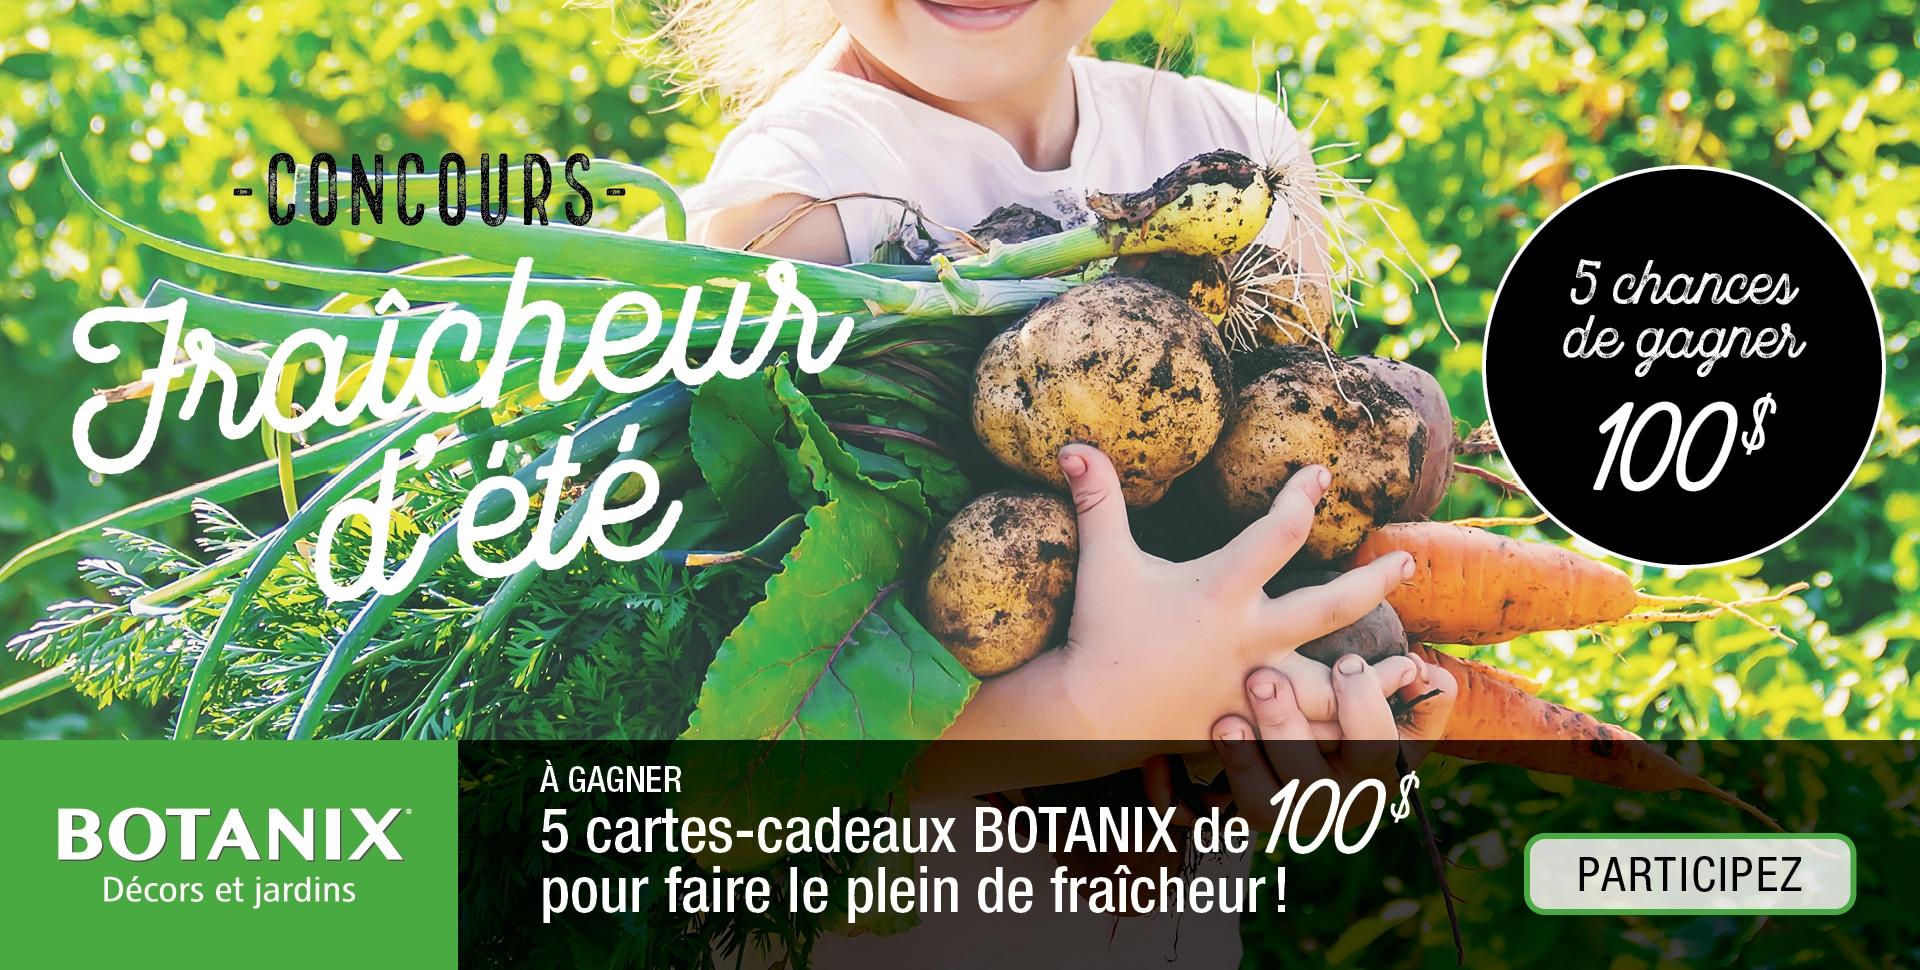 Concours Botanix Fraicheur ete